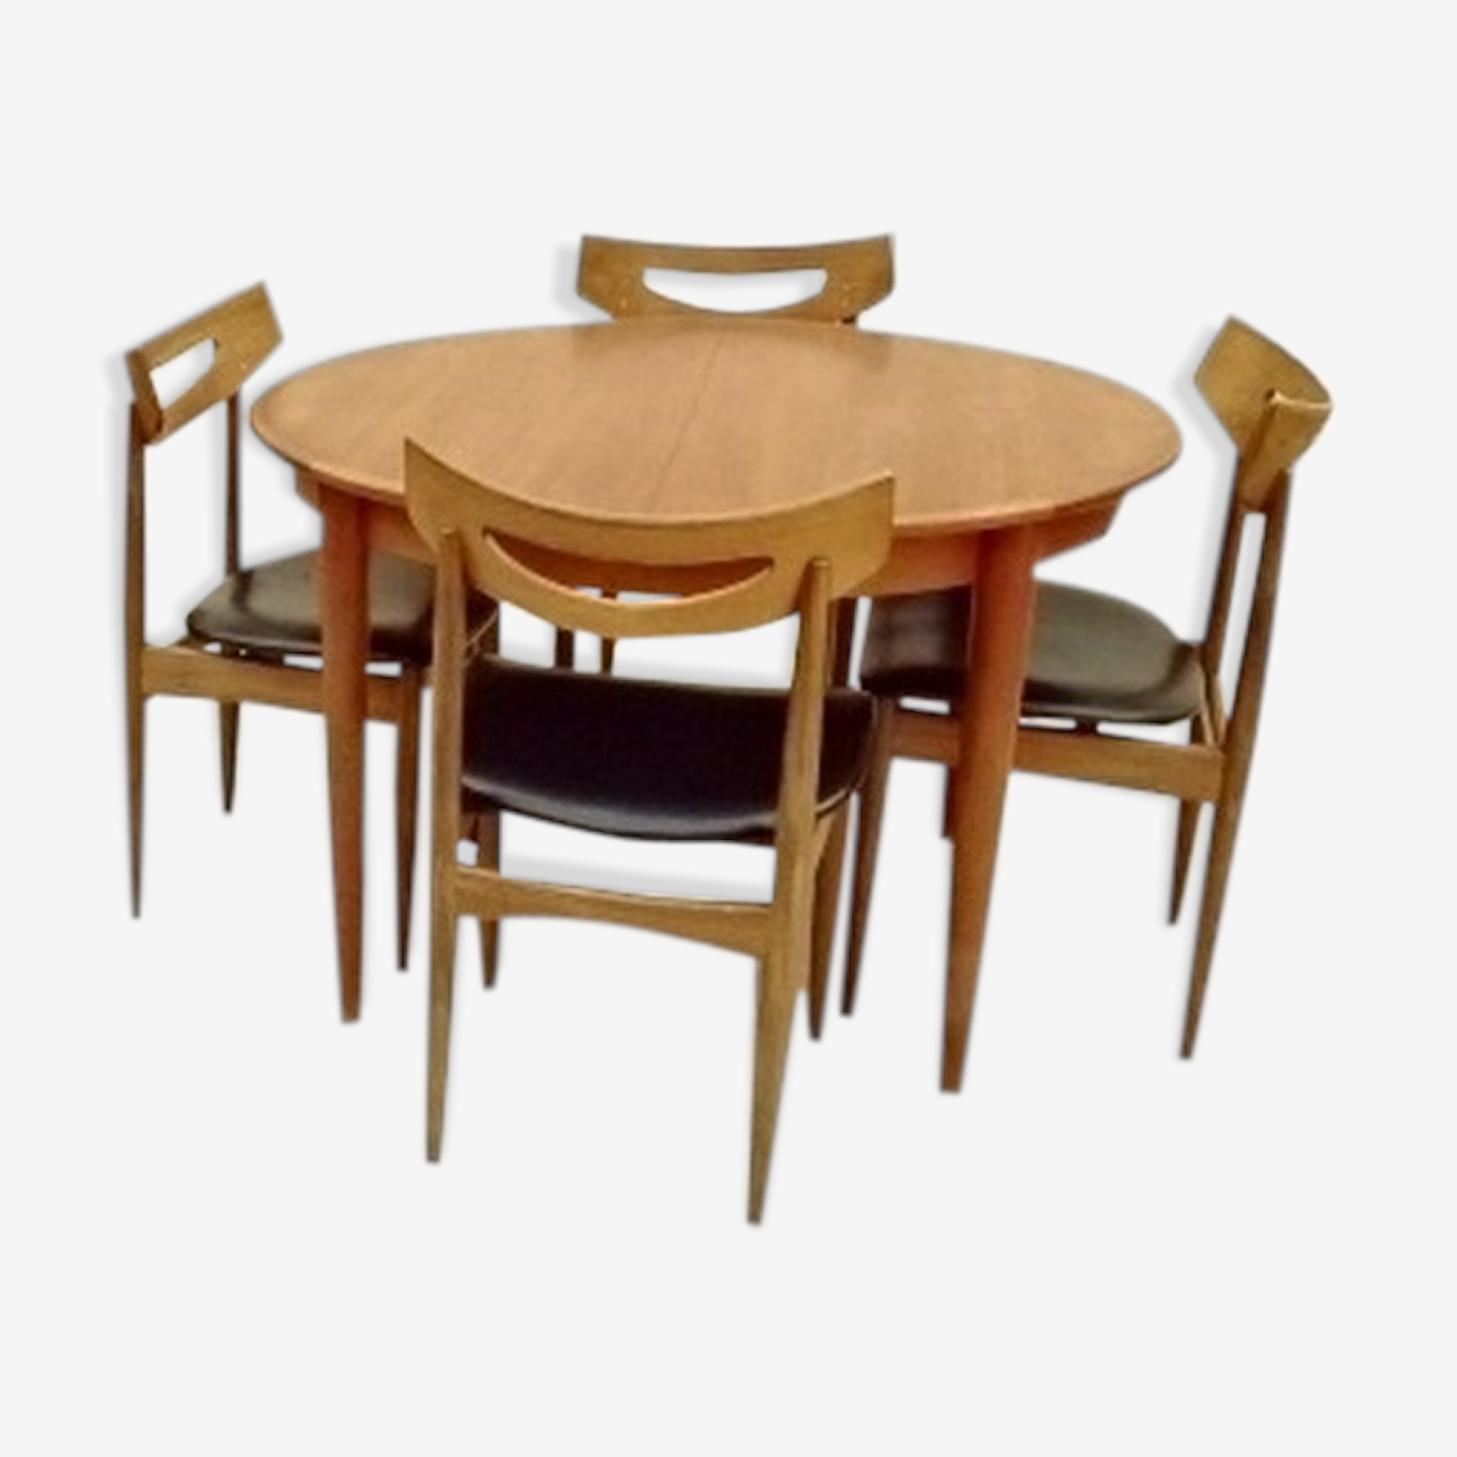 Salle à manger Samcom table et chaises scandinave danois teck 1960